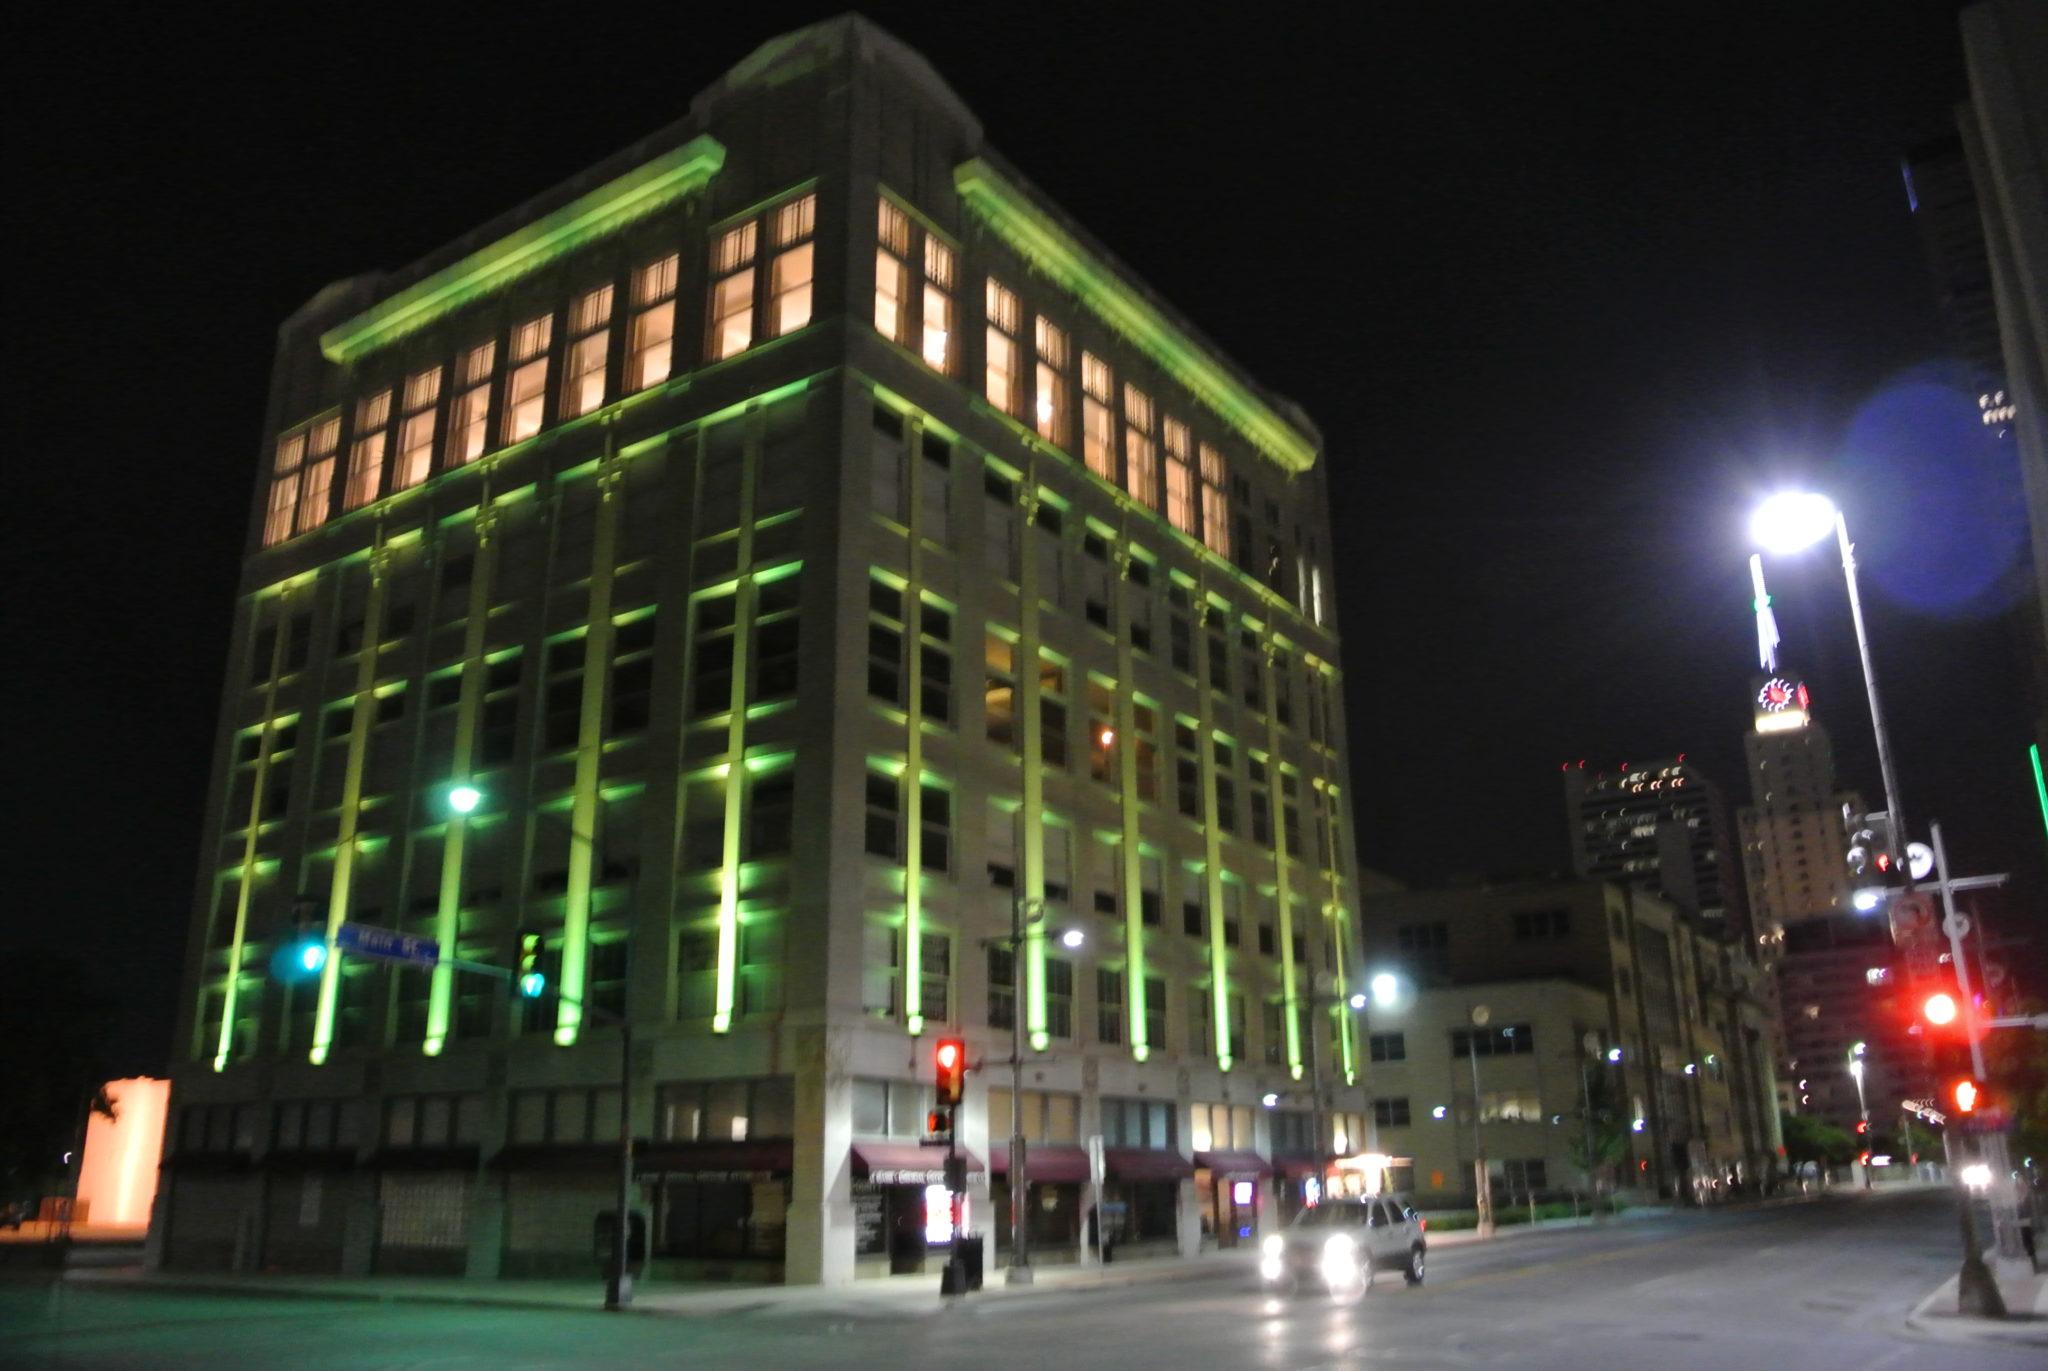 dallas architecture at night